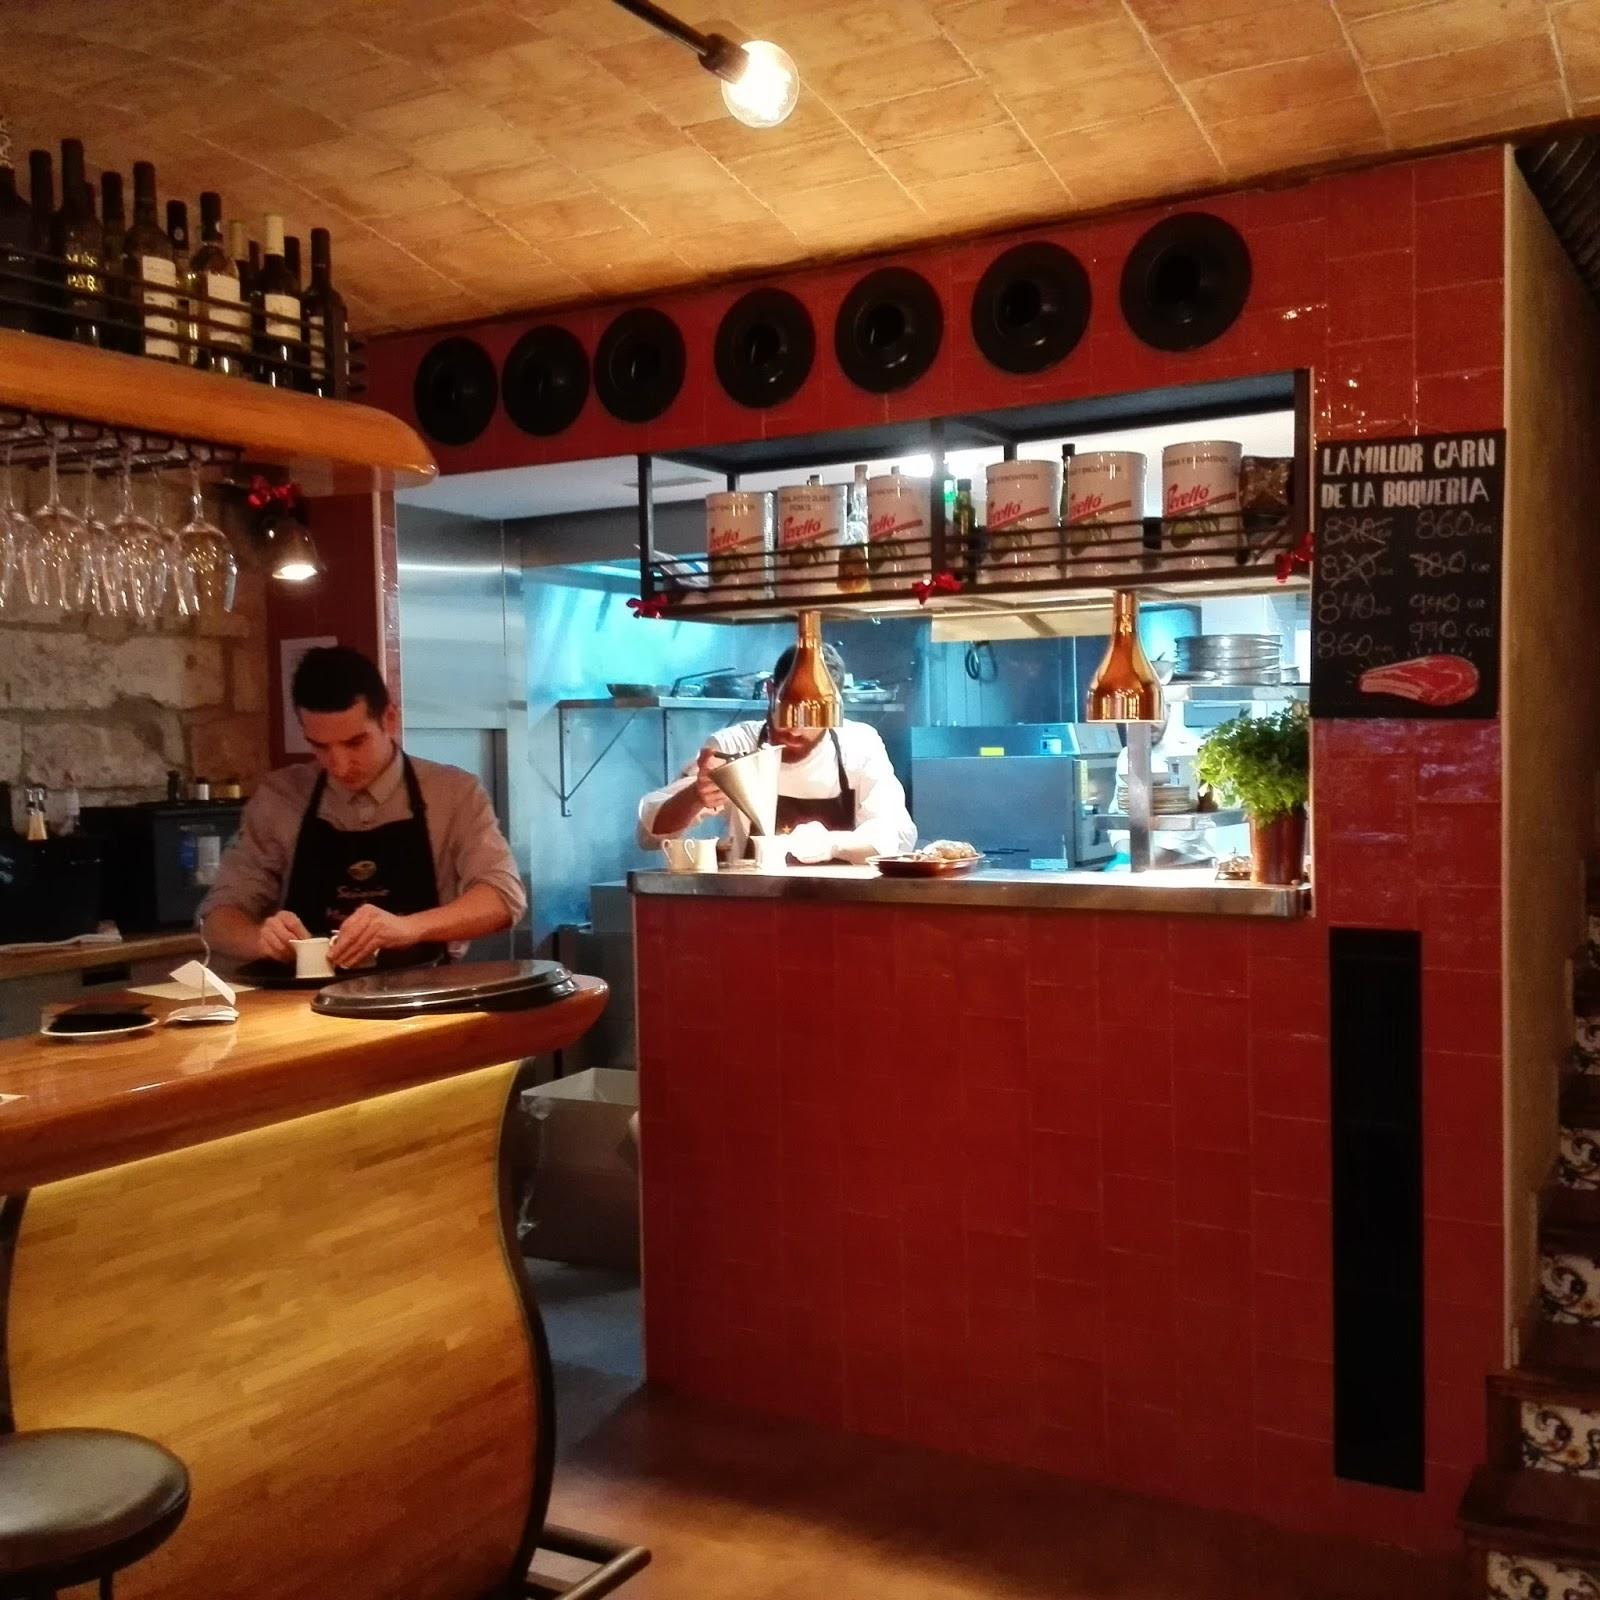 Restaurante la bellvitja barcelona la cocina de los for La cocina de los valientes